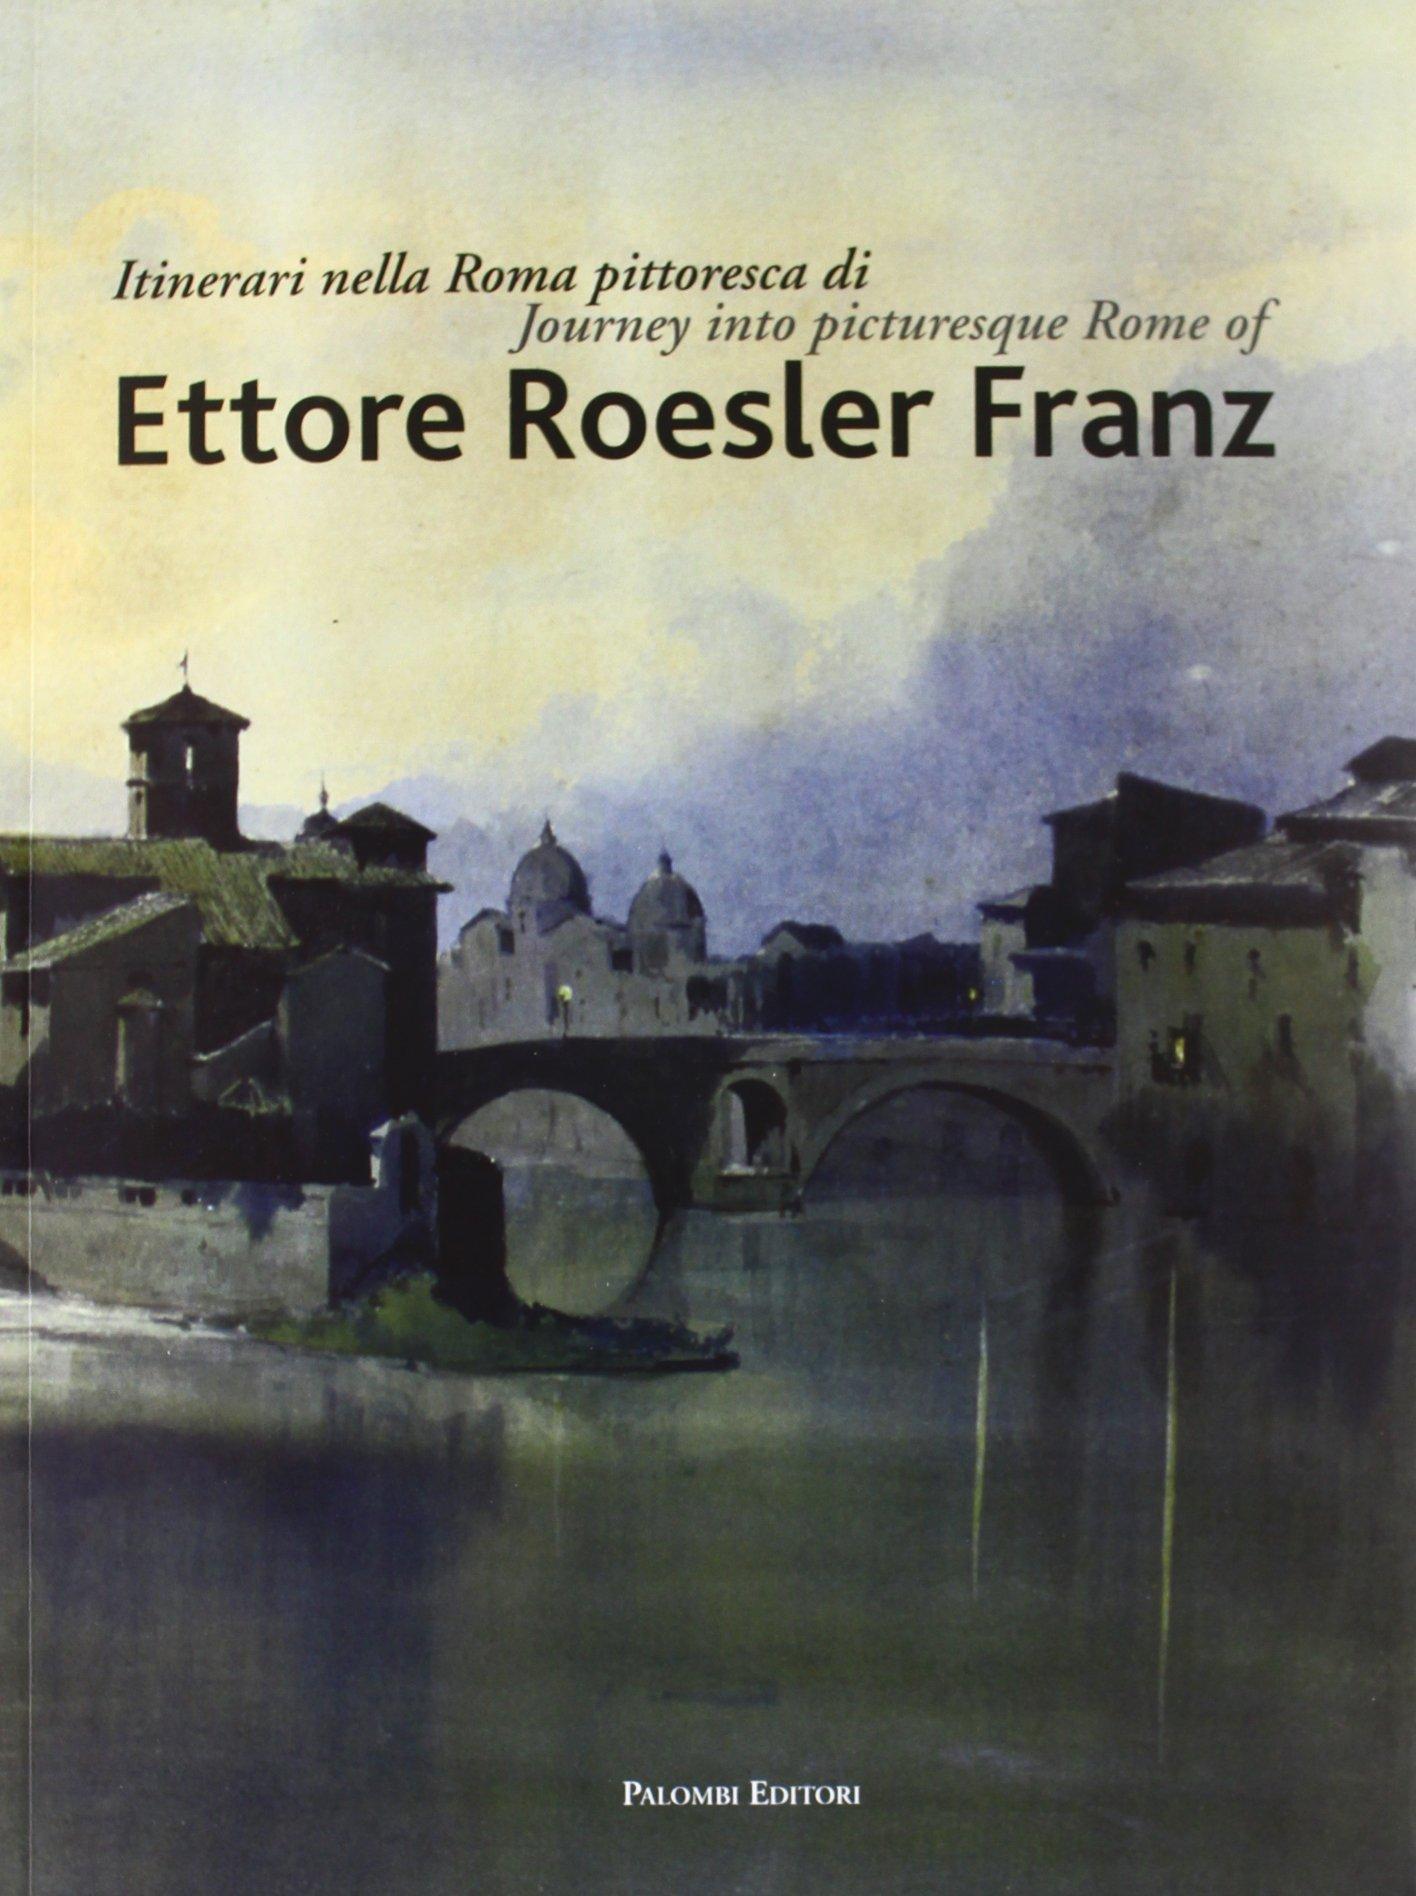 Itinerari nella Roma pittoresca di Ettore Roesler Franz. Ediz. italiana e inglese (Multilingue) Copertina flessibile – 30 mag 2012